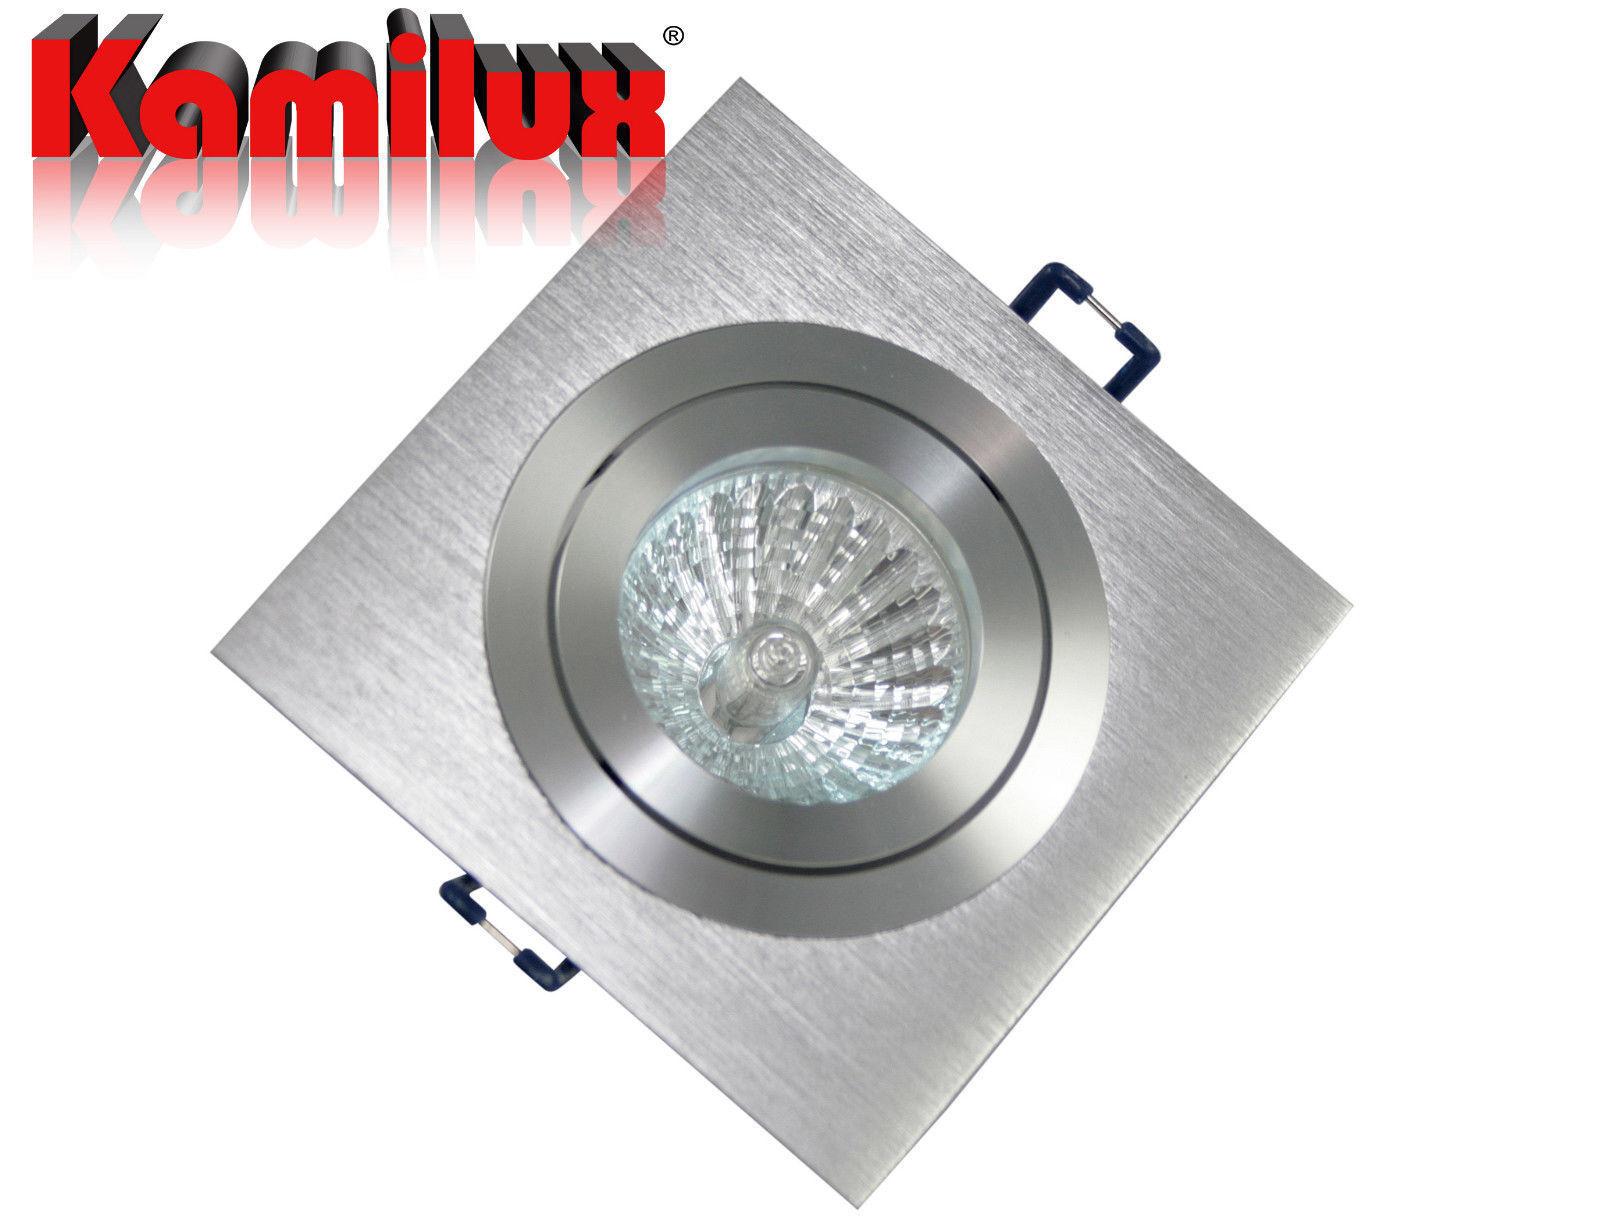 1-20er Set Einbaustrahler & dimmbares Leuchtmittel & GU10 Fassung schwenkb. 230V     | Günstige Preise  | Gute Qualität  | Feinbearbeitung